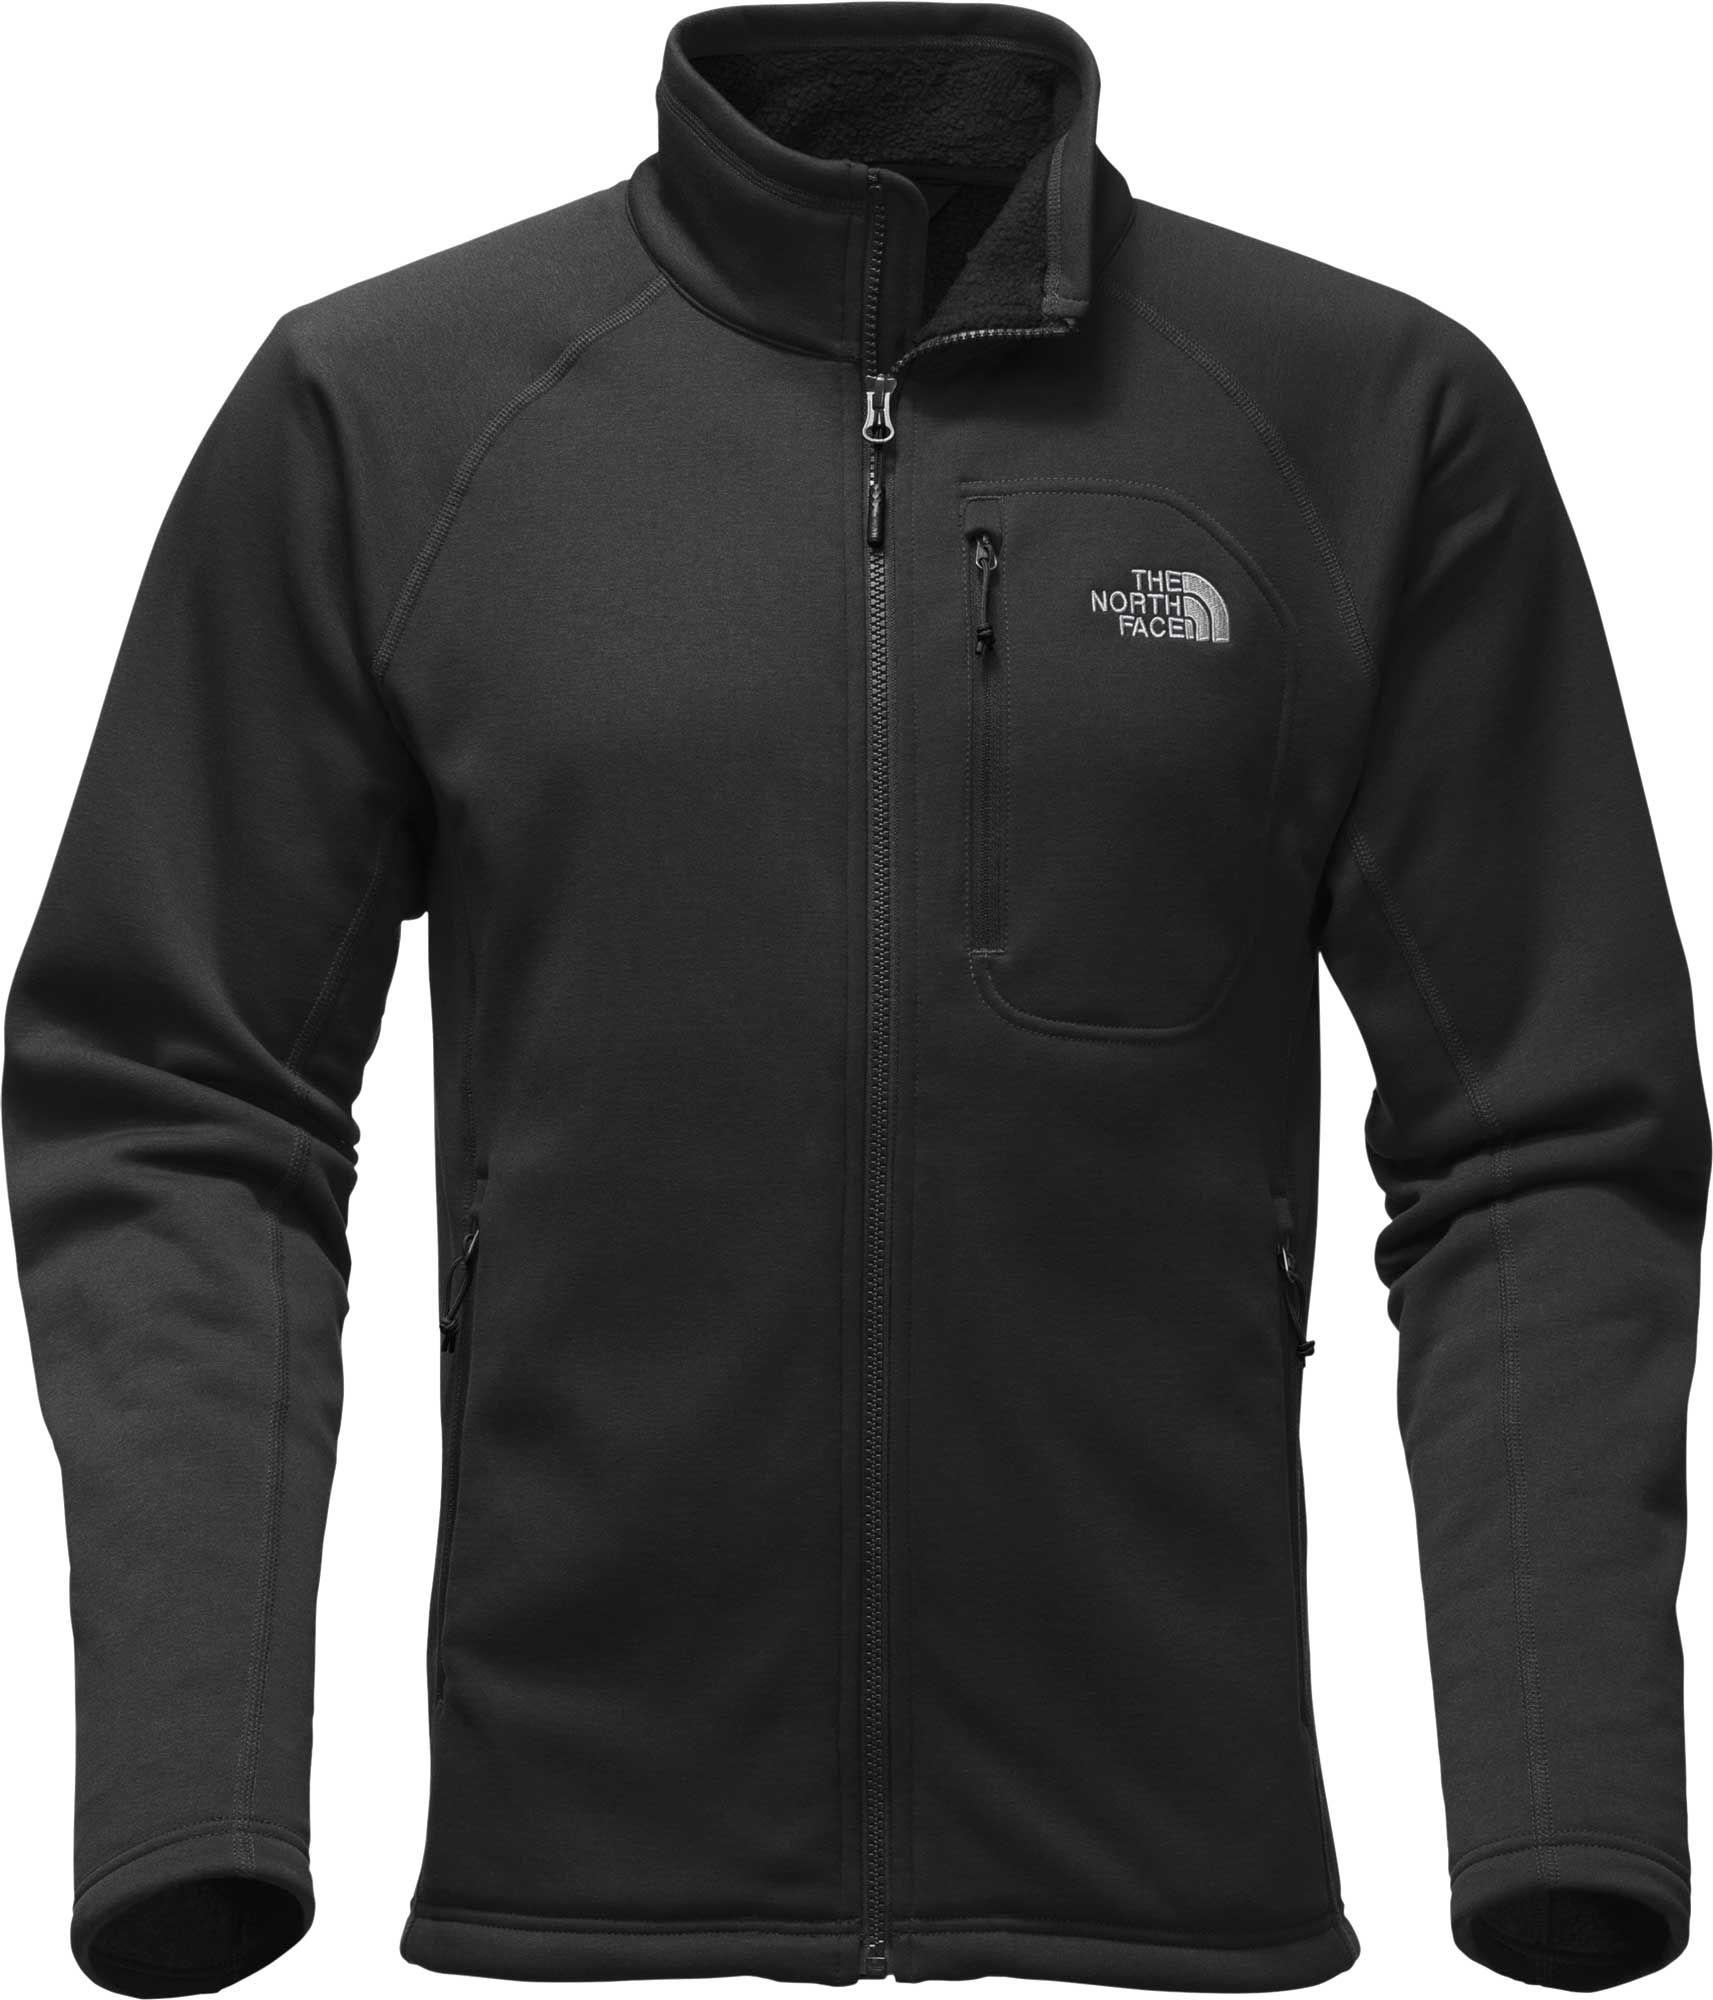 028bb809c Jackets and Coats | Field & Stream